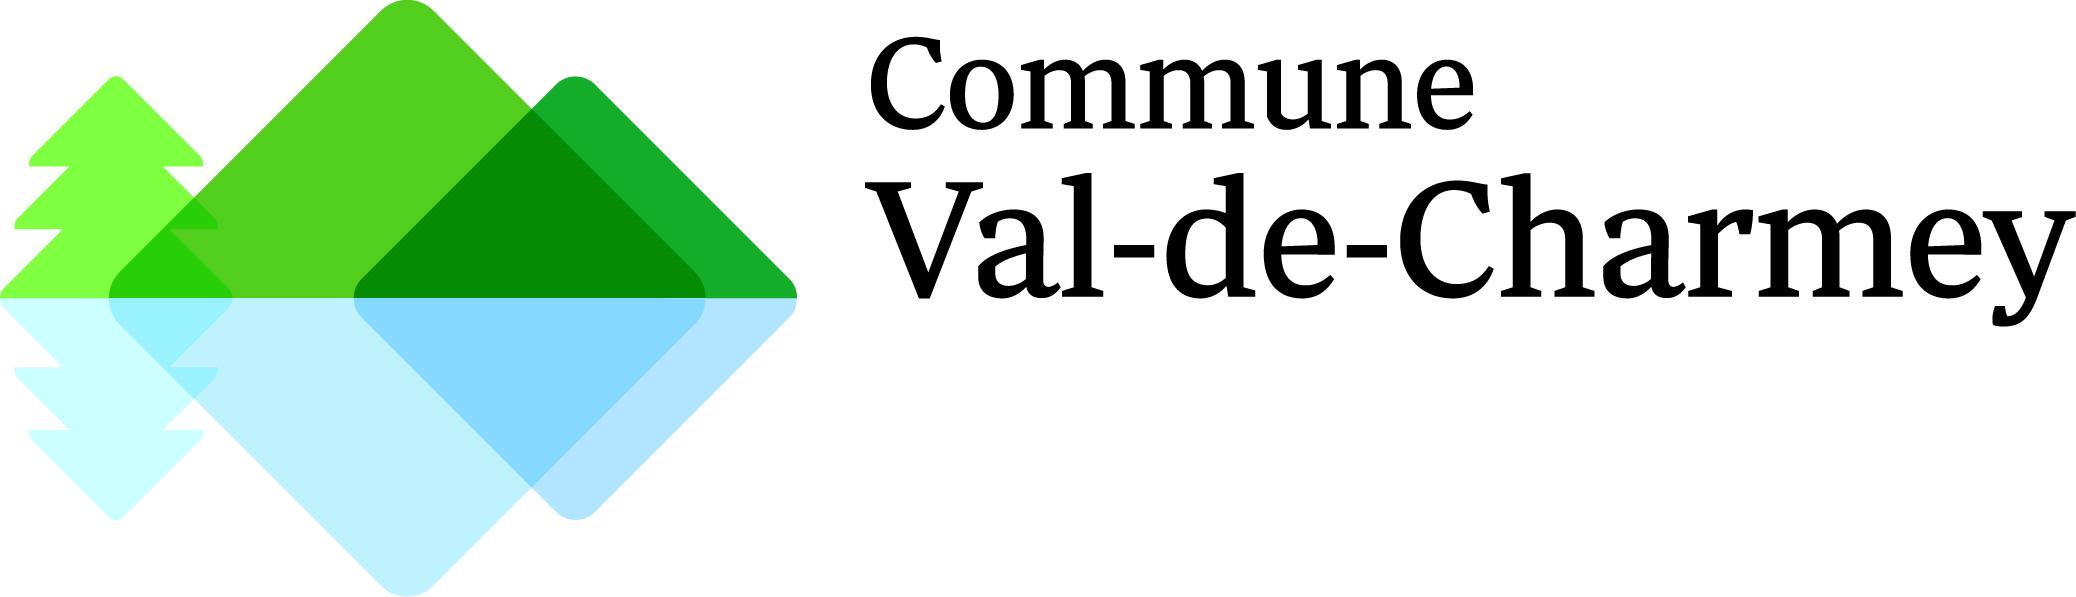 Commune Val-de-Charmey